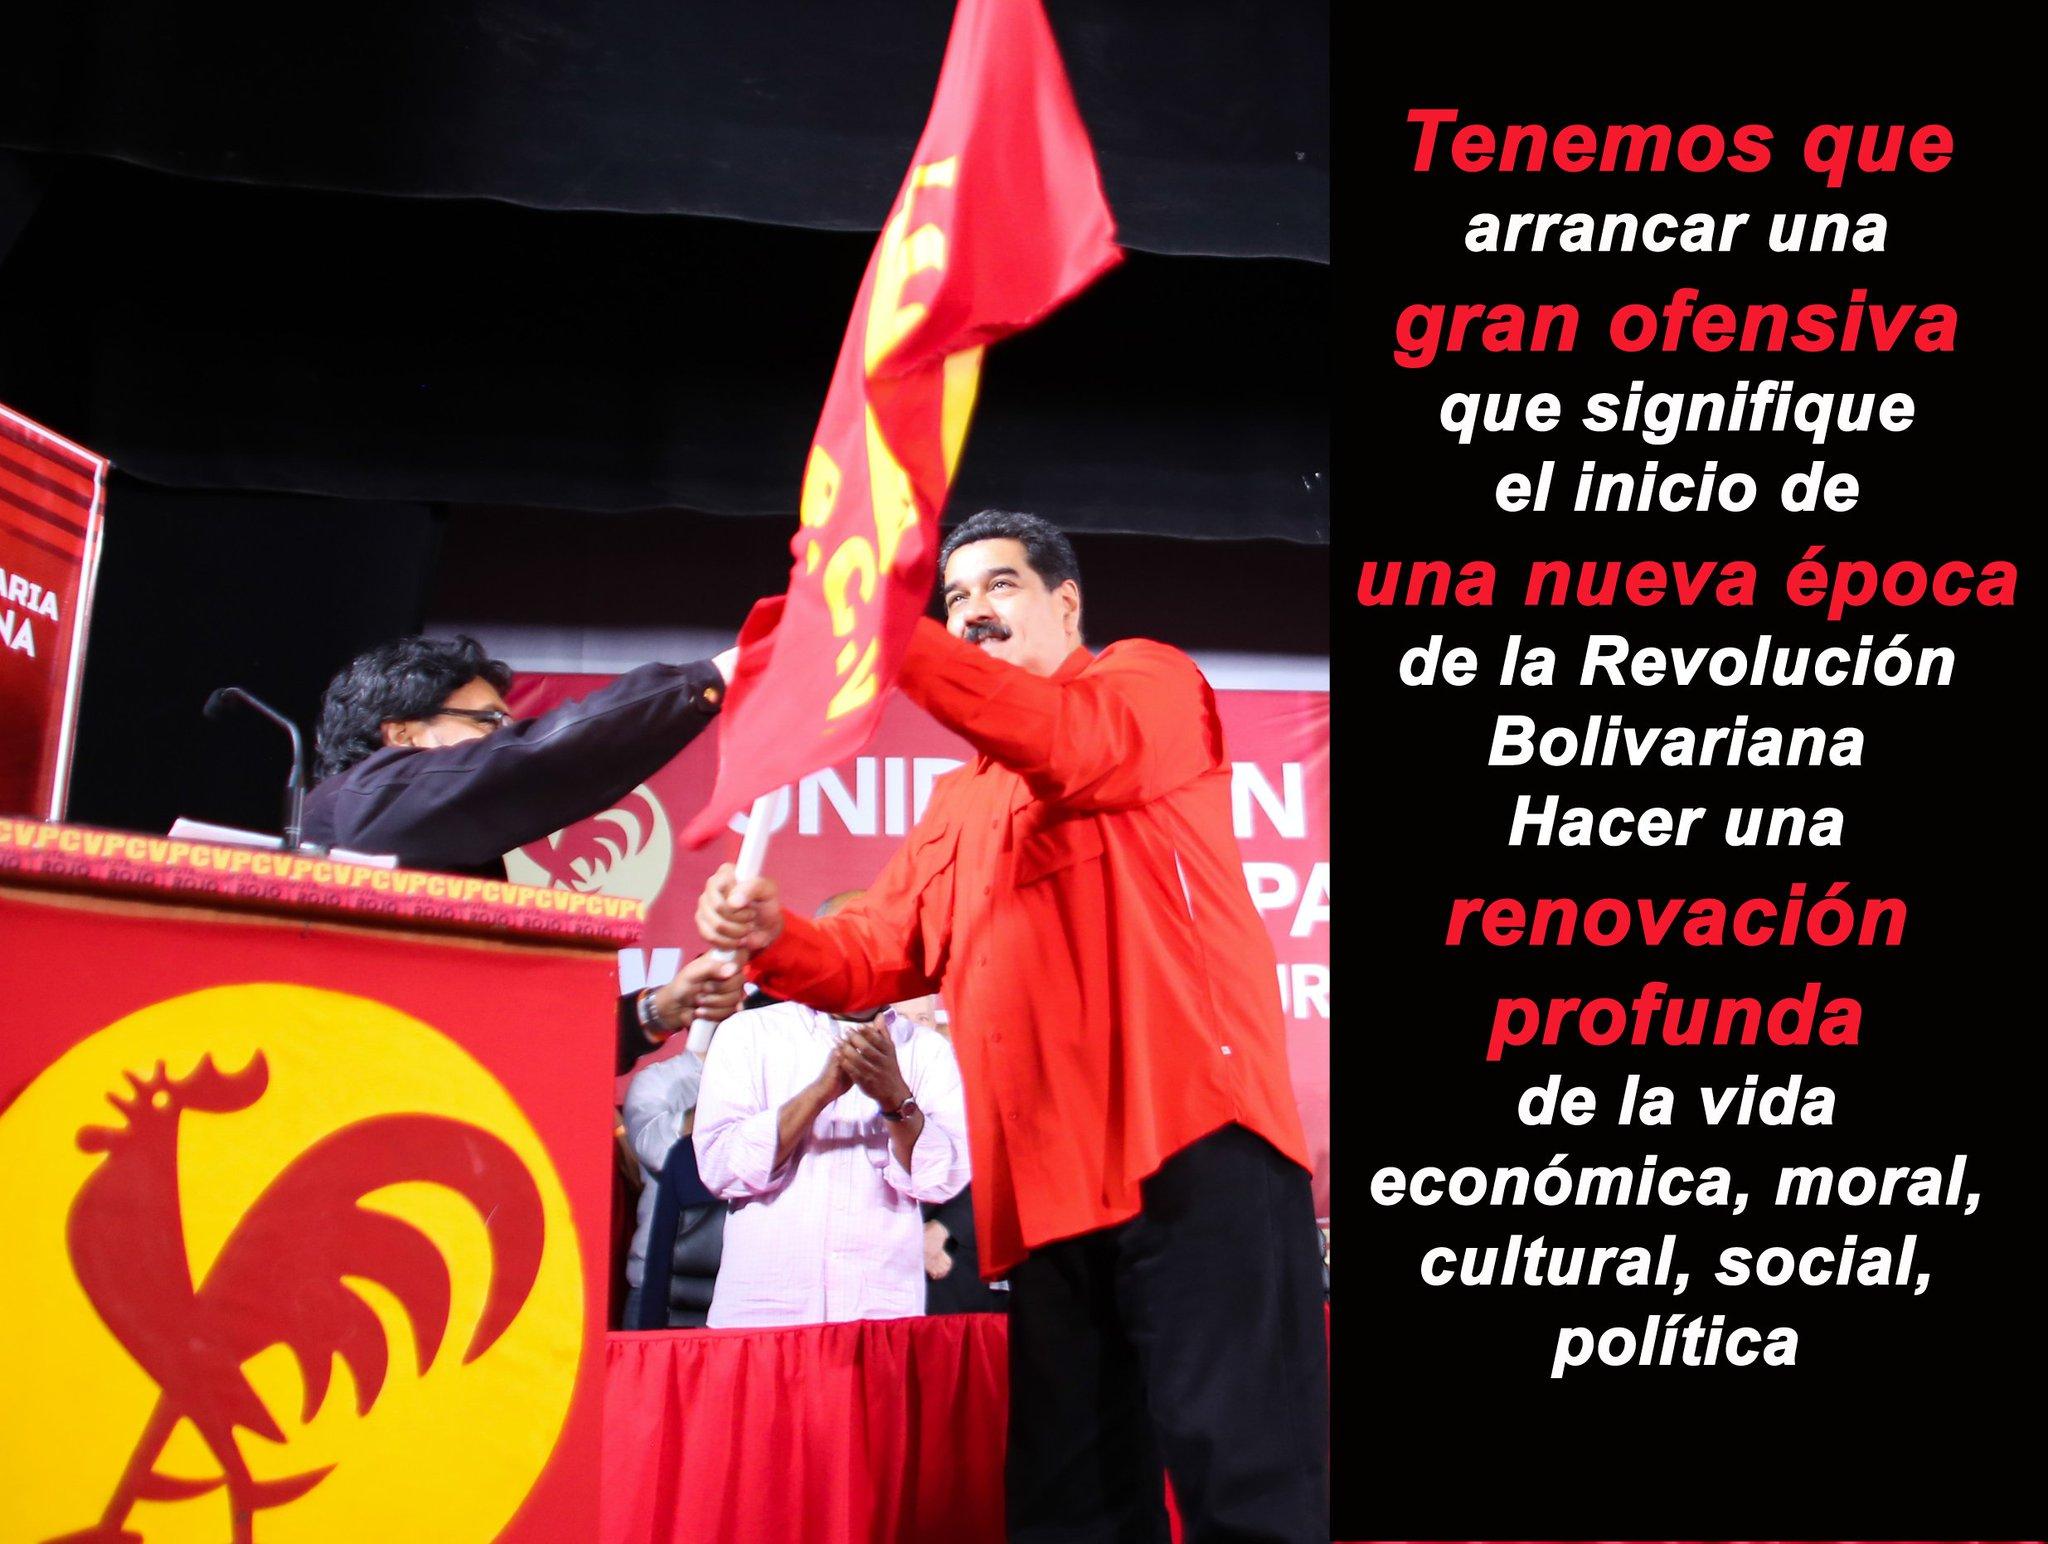 @NicolasMaduro vaticina una nueva época de la Revolución Bolivariana.... ¡MUUUY BIEN! https://t.co/aKsfFYYbay